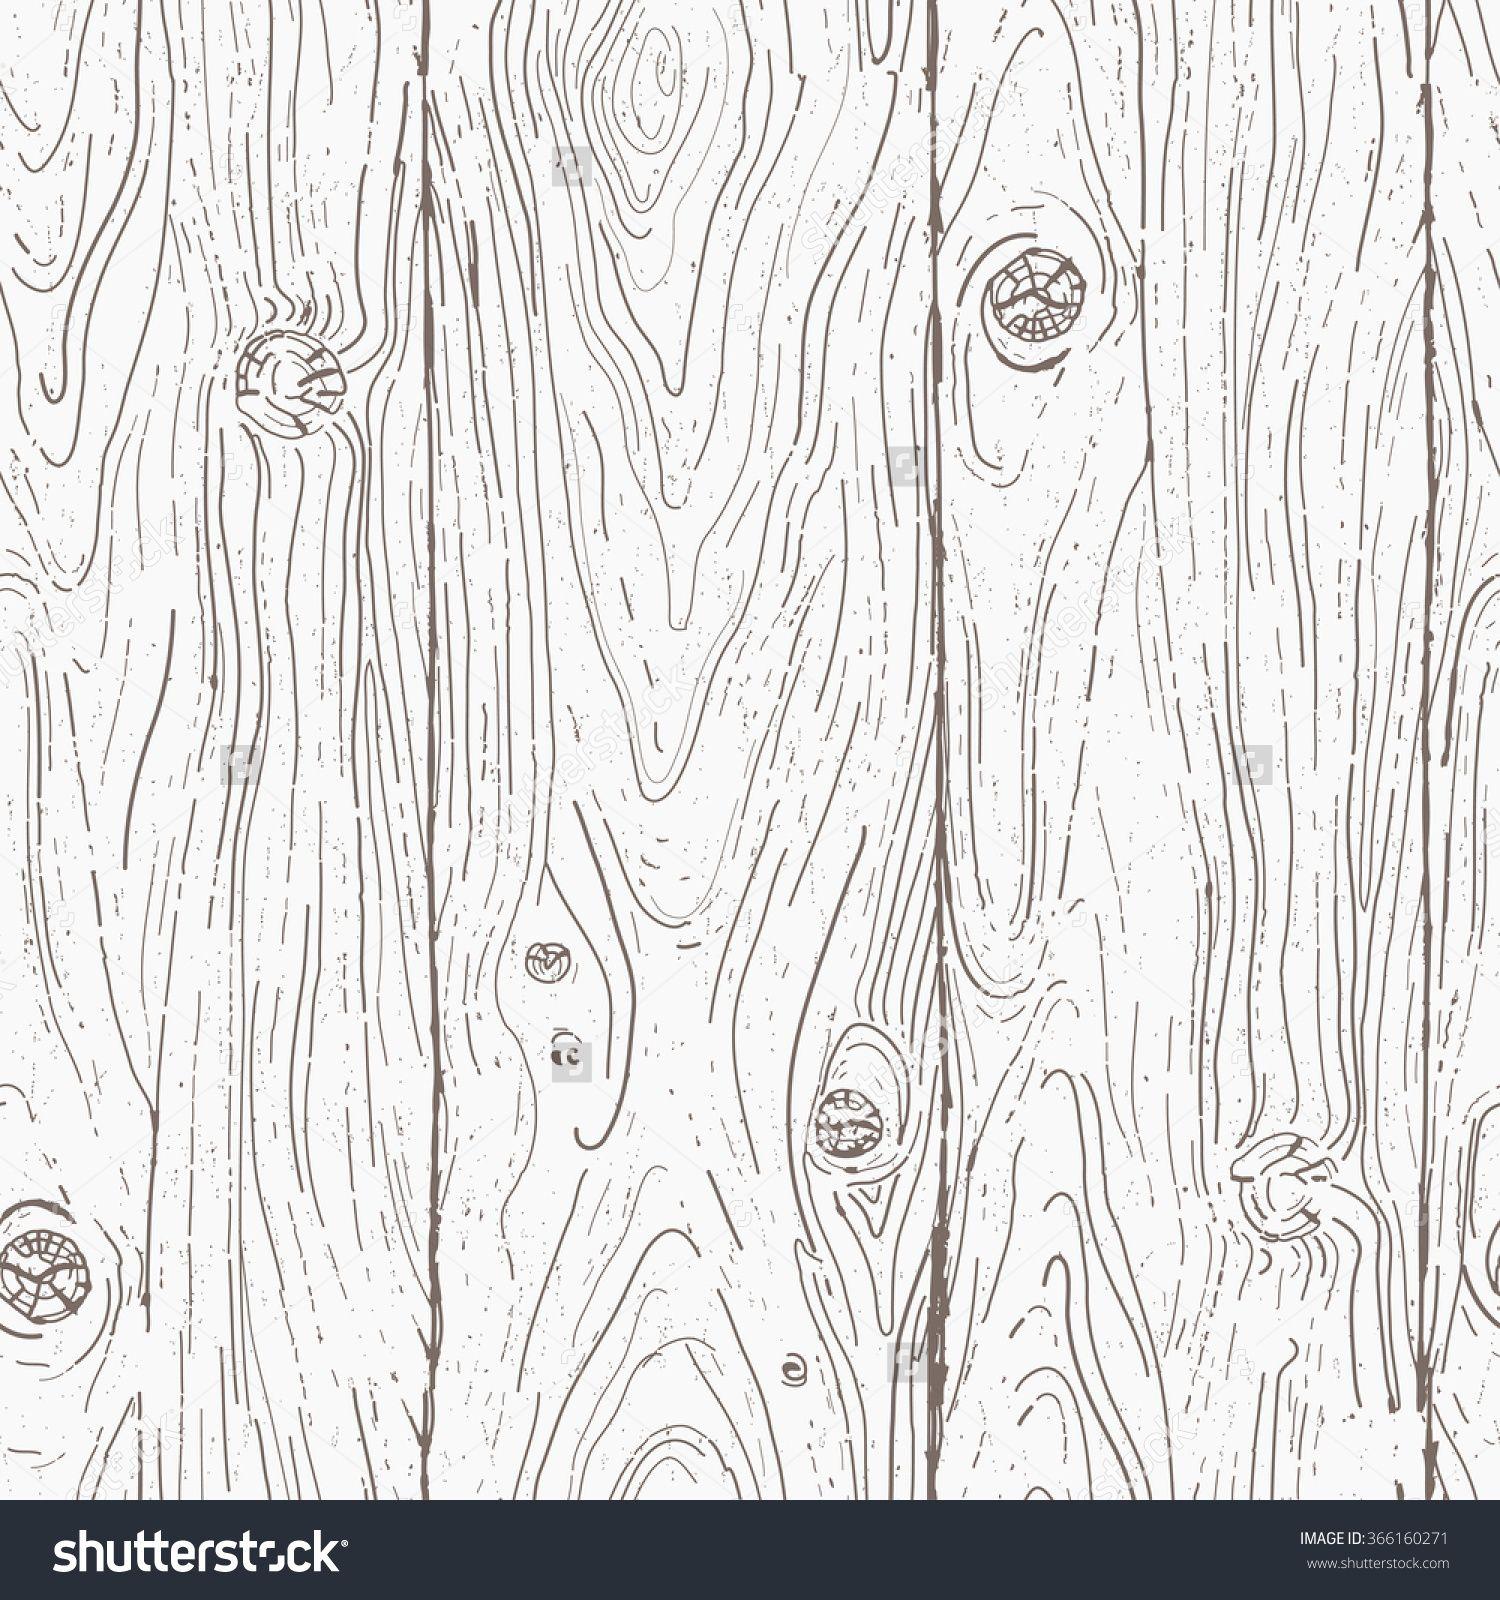 YapitHome 3 St/ück Holz schablonen pinselstriche Naturborsten Farben Pinsel Borstenpinsel Pinsel Verwendung f/ür /Ölmalerei Wohnkultur 13,5//16 // 18mm Aquarellmalerei Schablonenprojekt Wachsen usw.